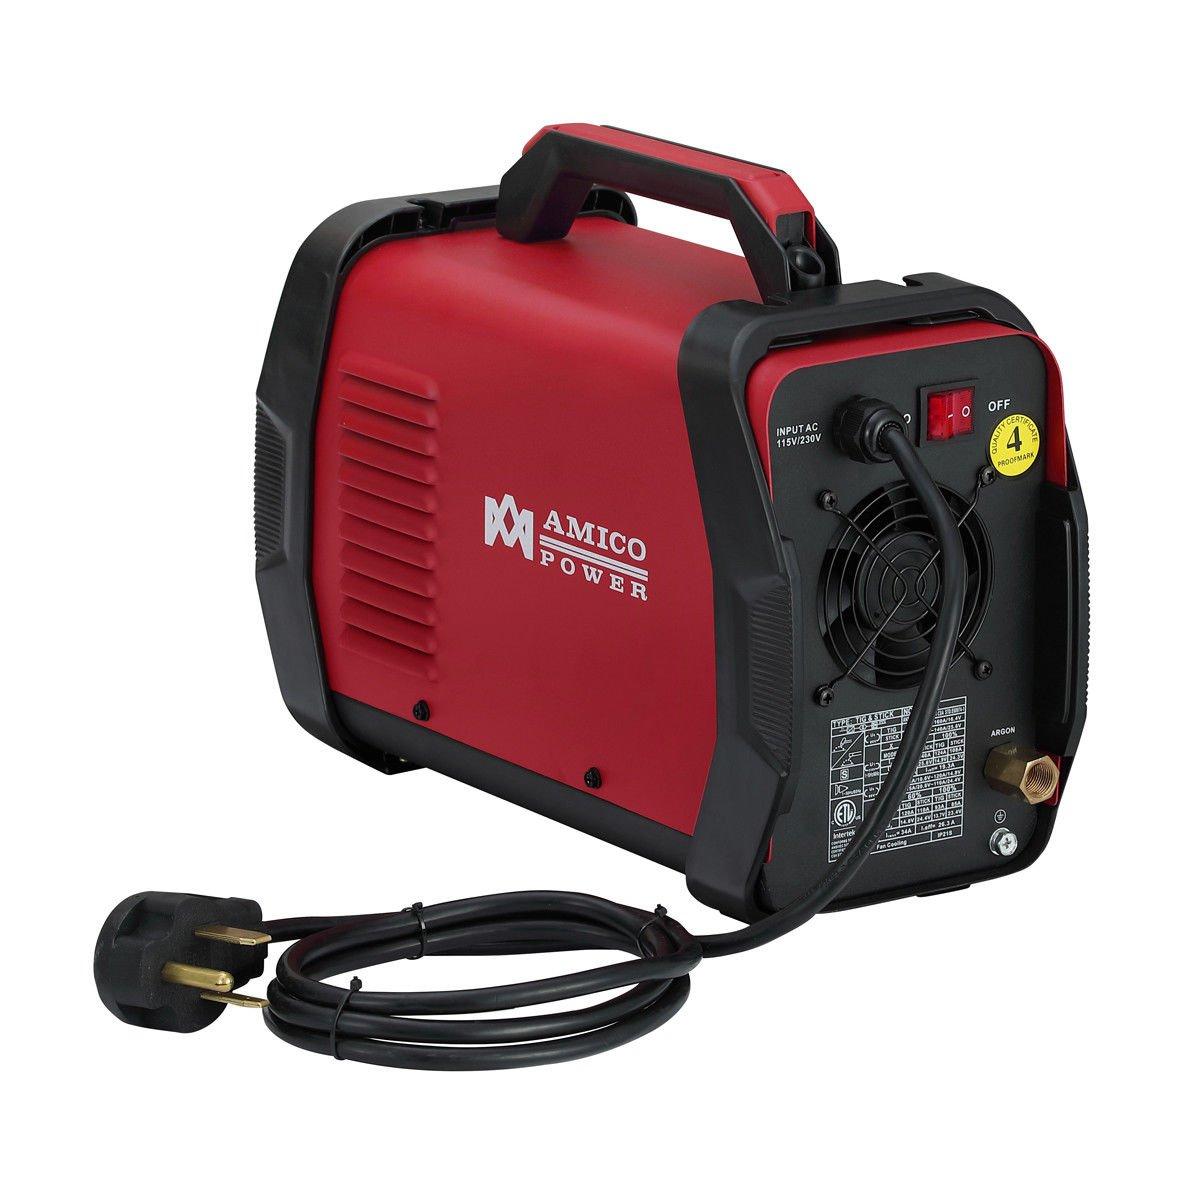 160 Amp HF TIG Torch Stick Arc Dc Inverter Welder TIG-165 110V//230V Dual Voltage Welding